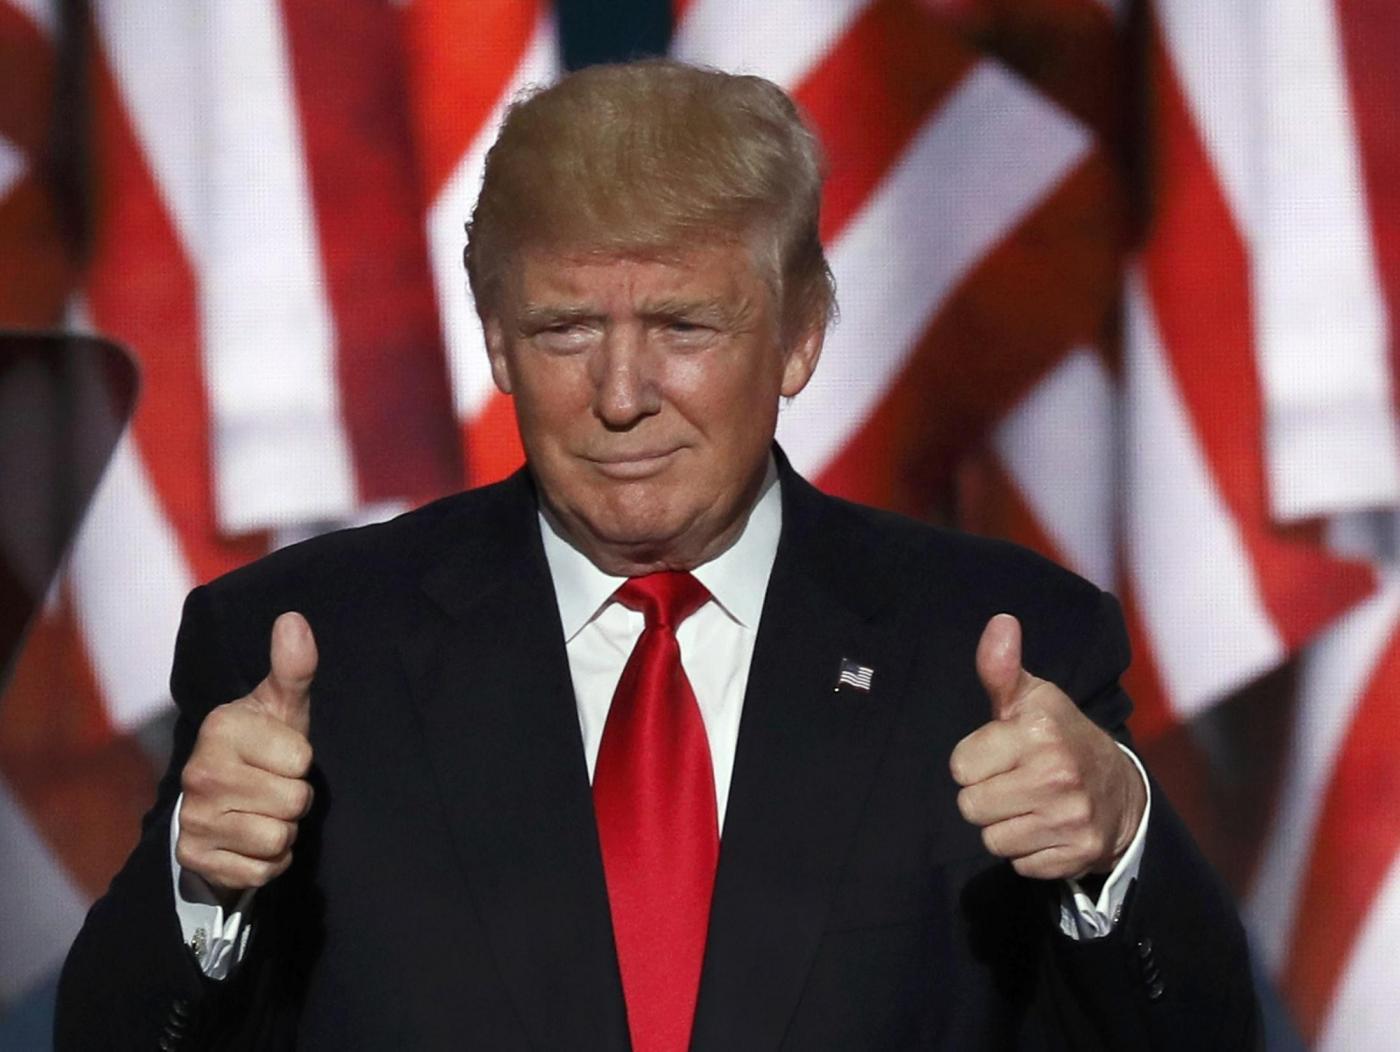 Cleveland, Donald Trump è il candidato repubblicano per la Casa Bianca